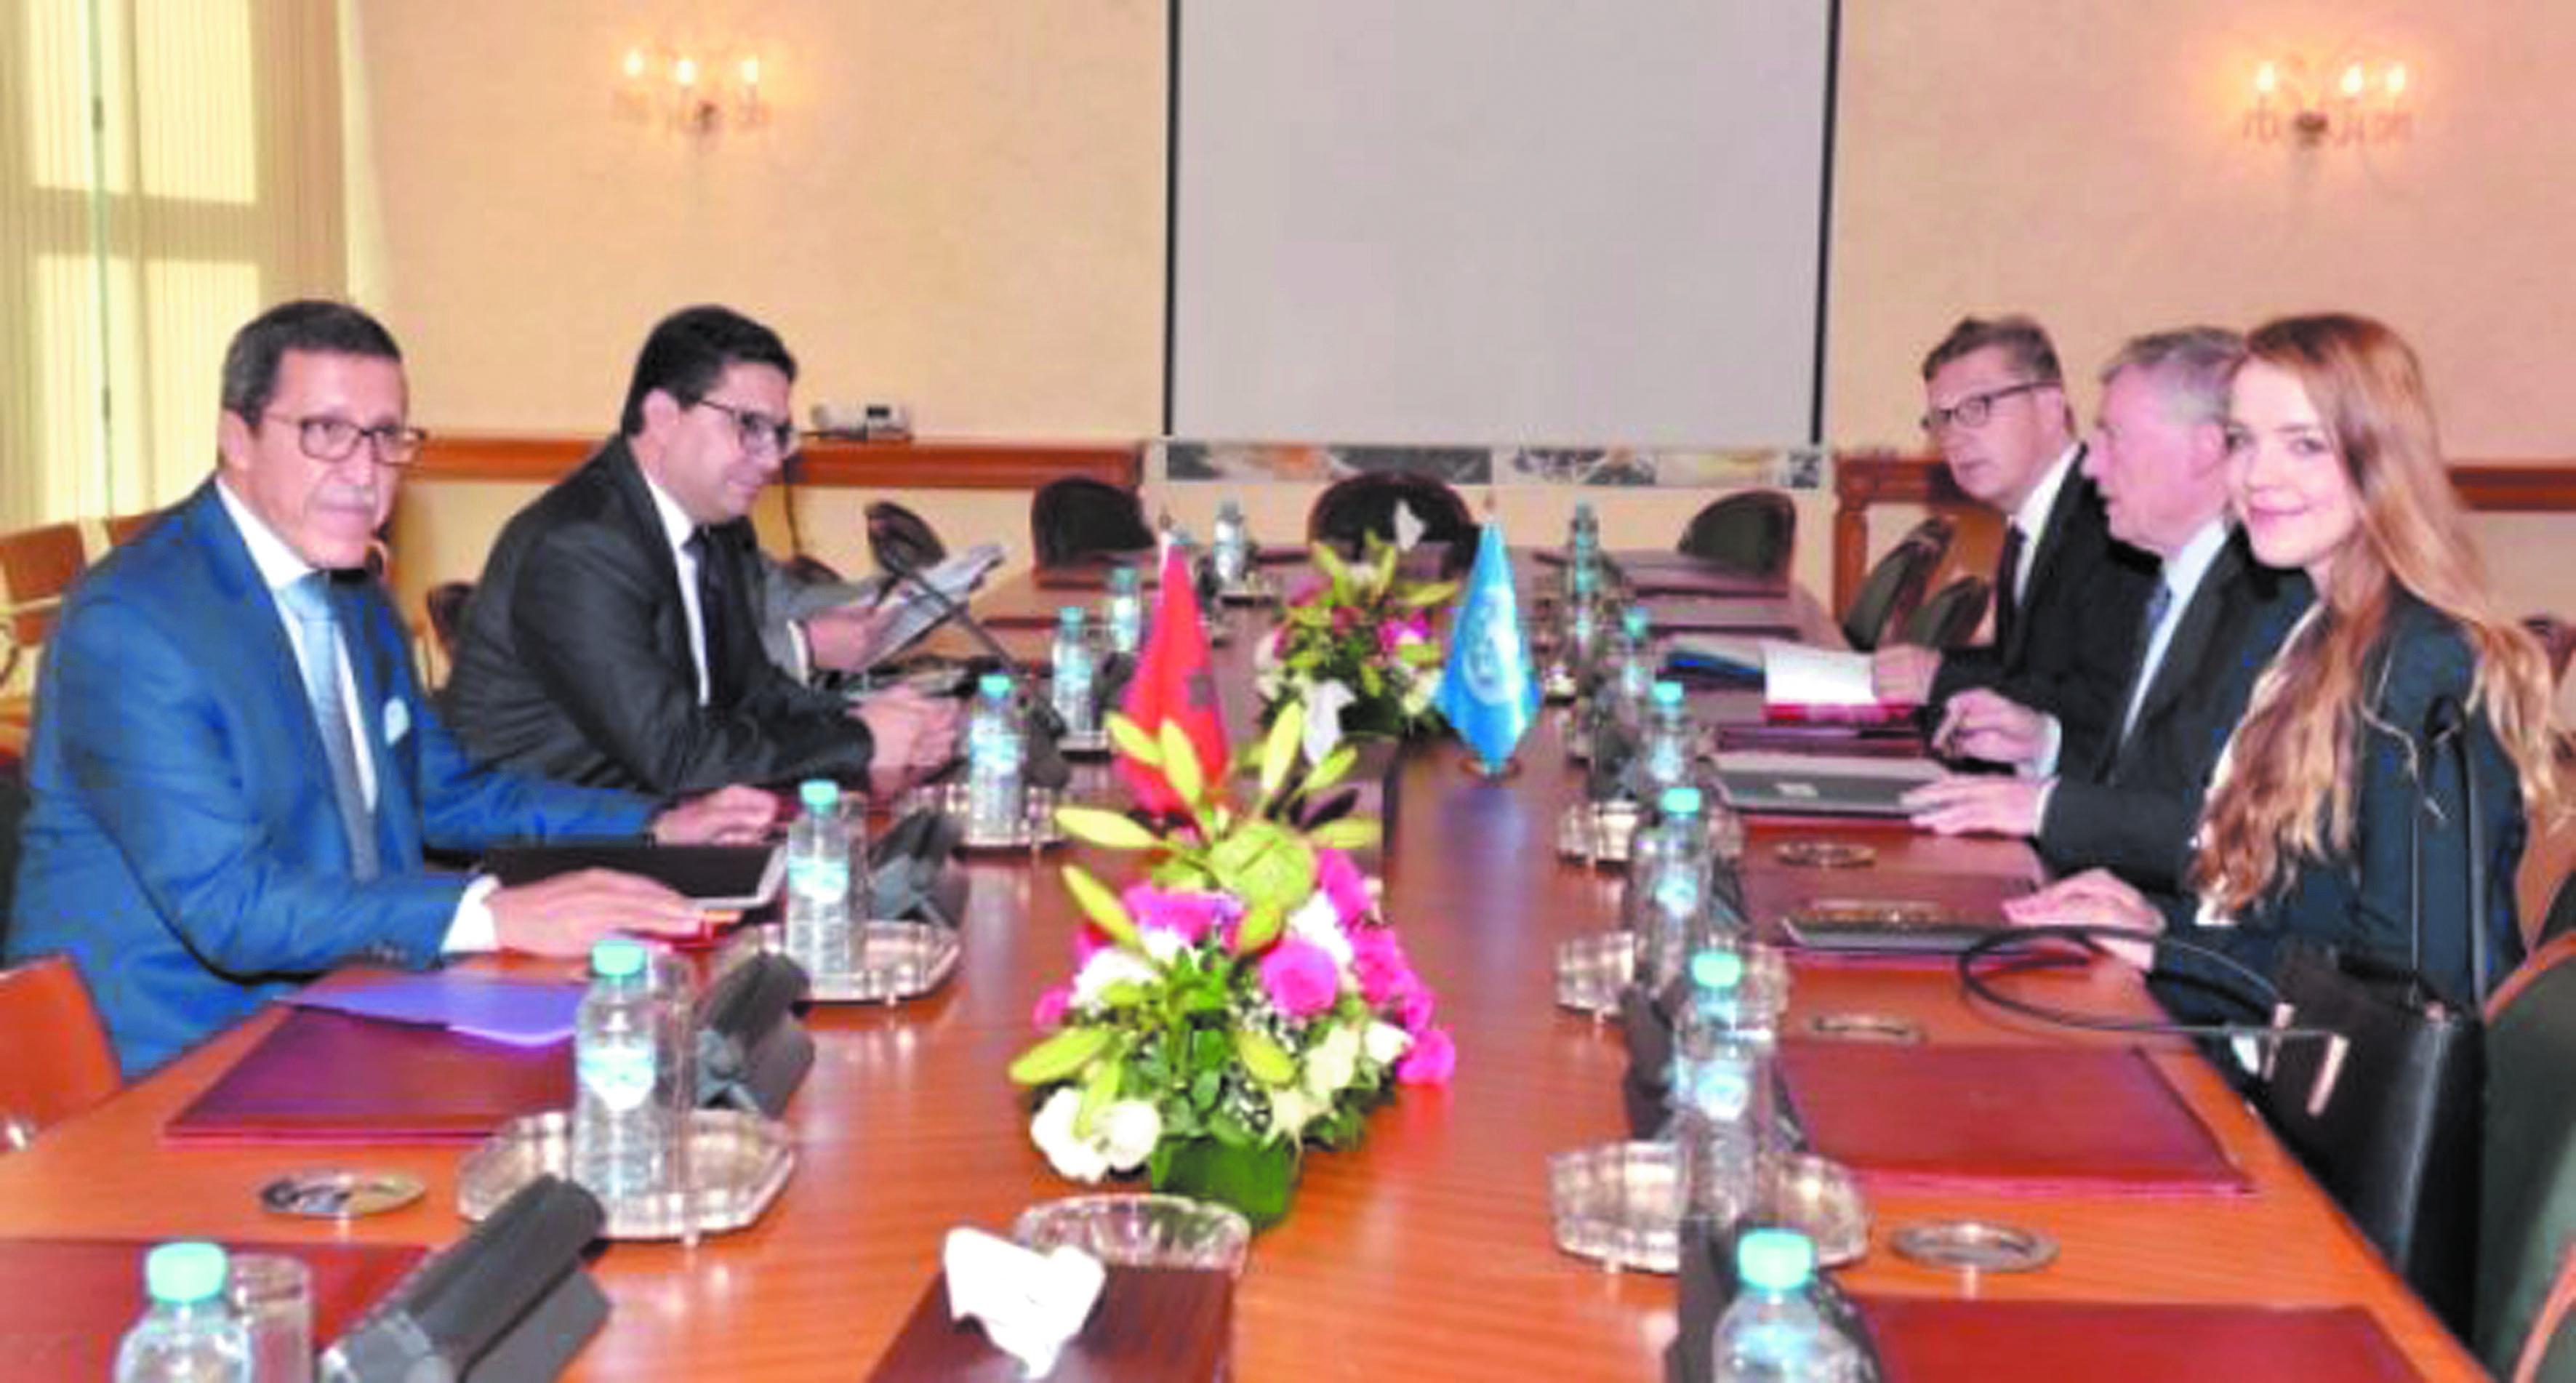 Une imposante délégation attendue à Lisbonne pour expliciter la position du Maroc concernant son Sahara